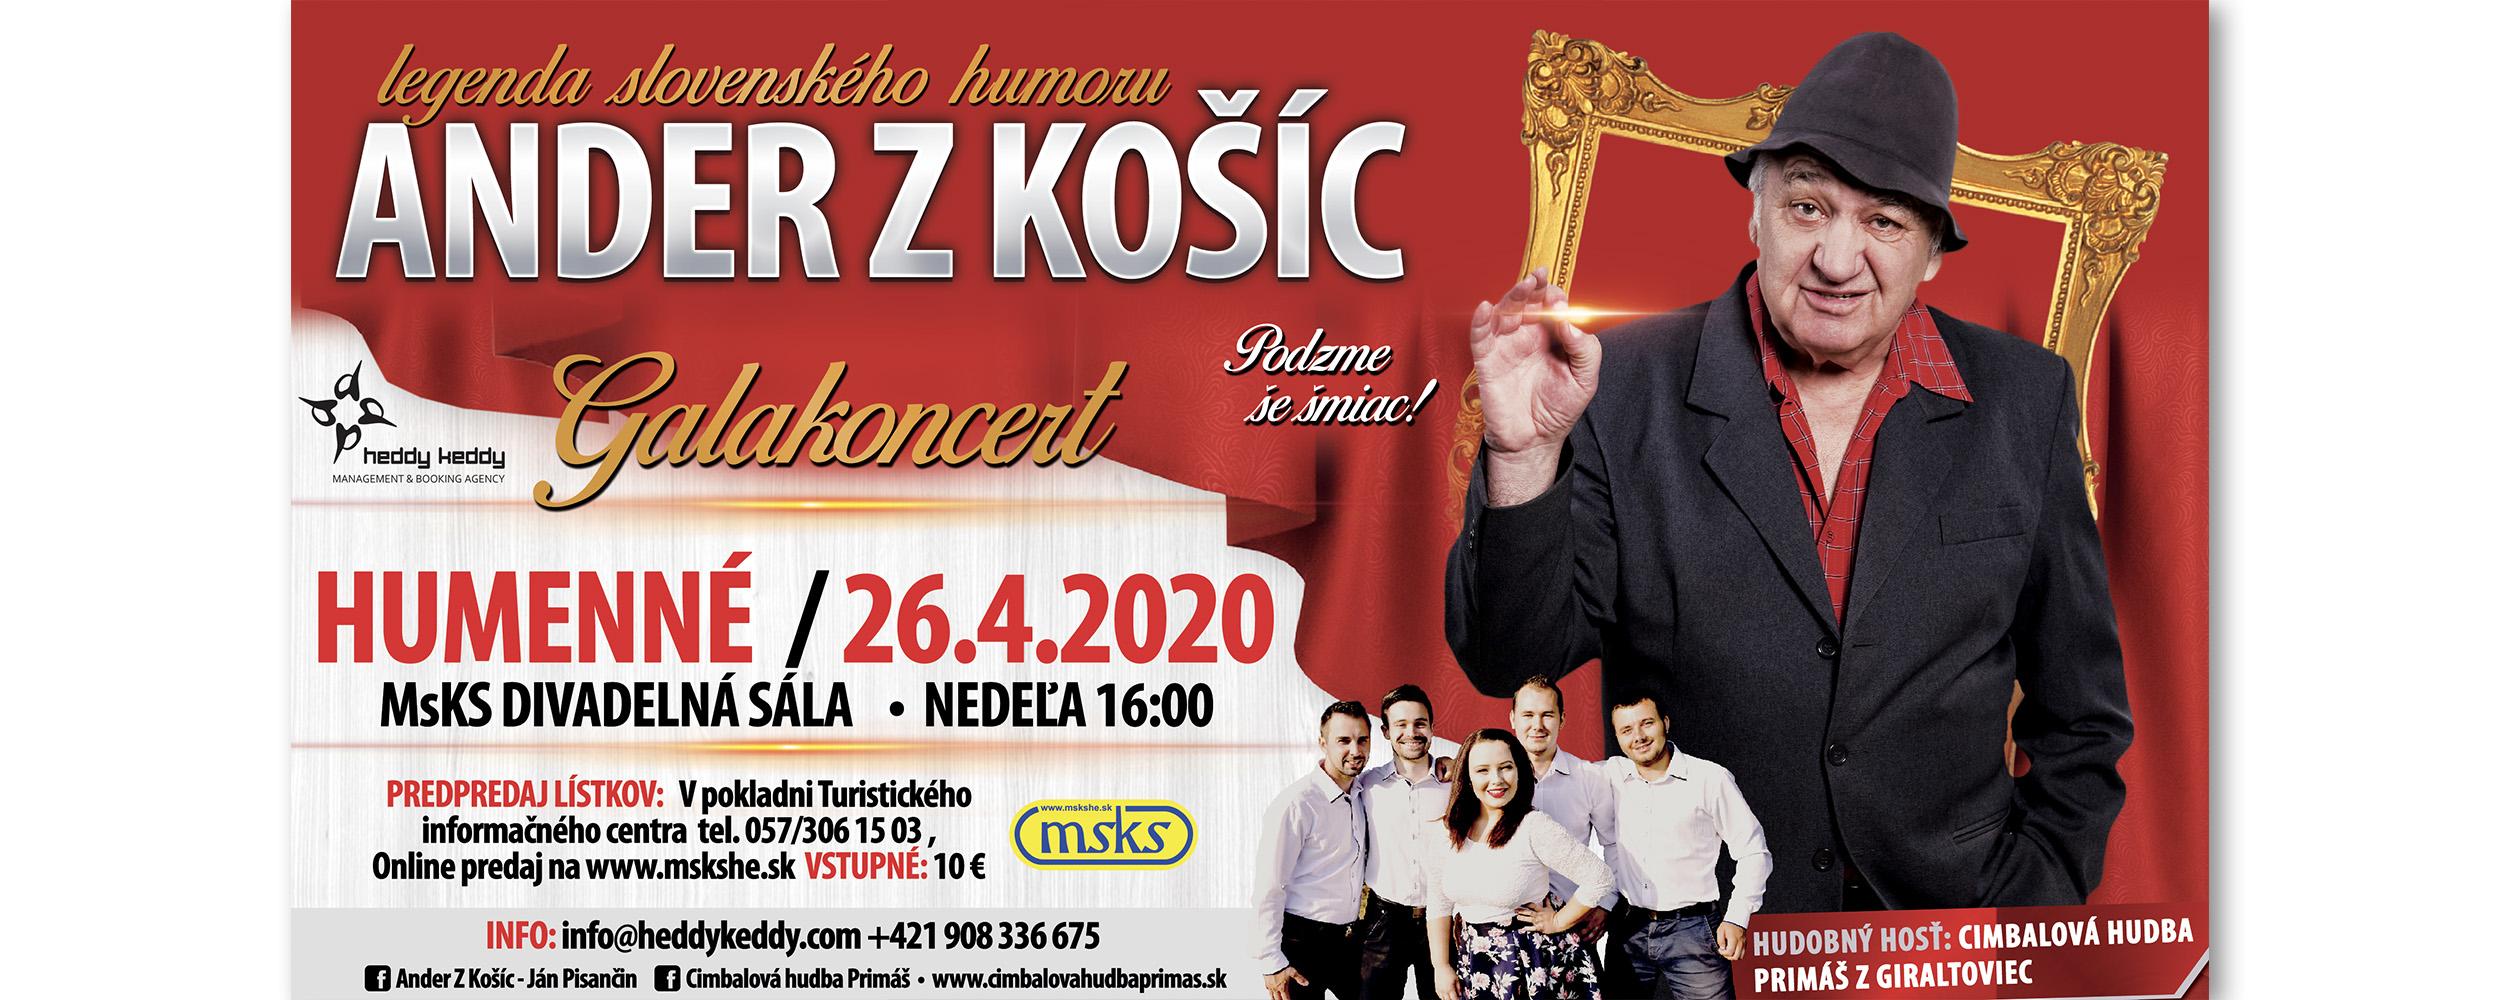 ANDER Z KOšíC